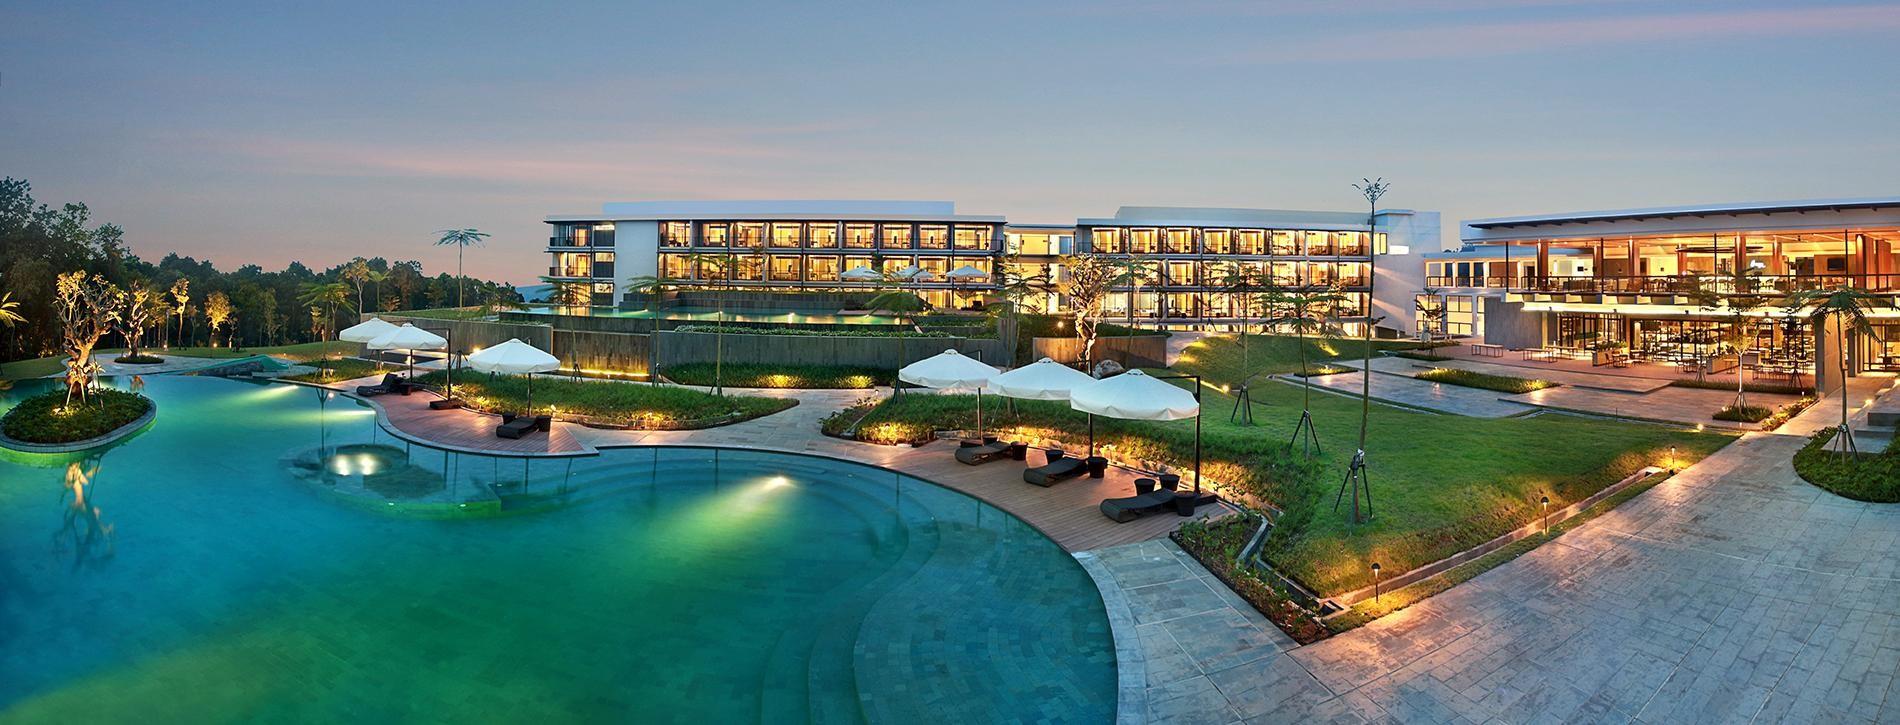 0812 9393 9797, Royal Tulip Gunung Geulis Resort Bogor, Sewa Villa Murah di Puncak Bogor